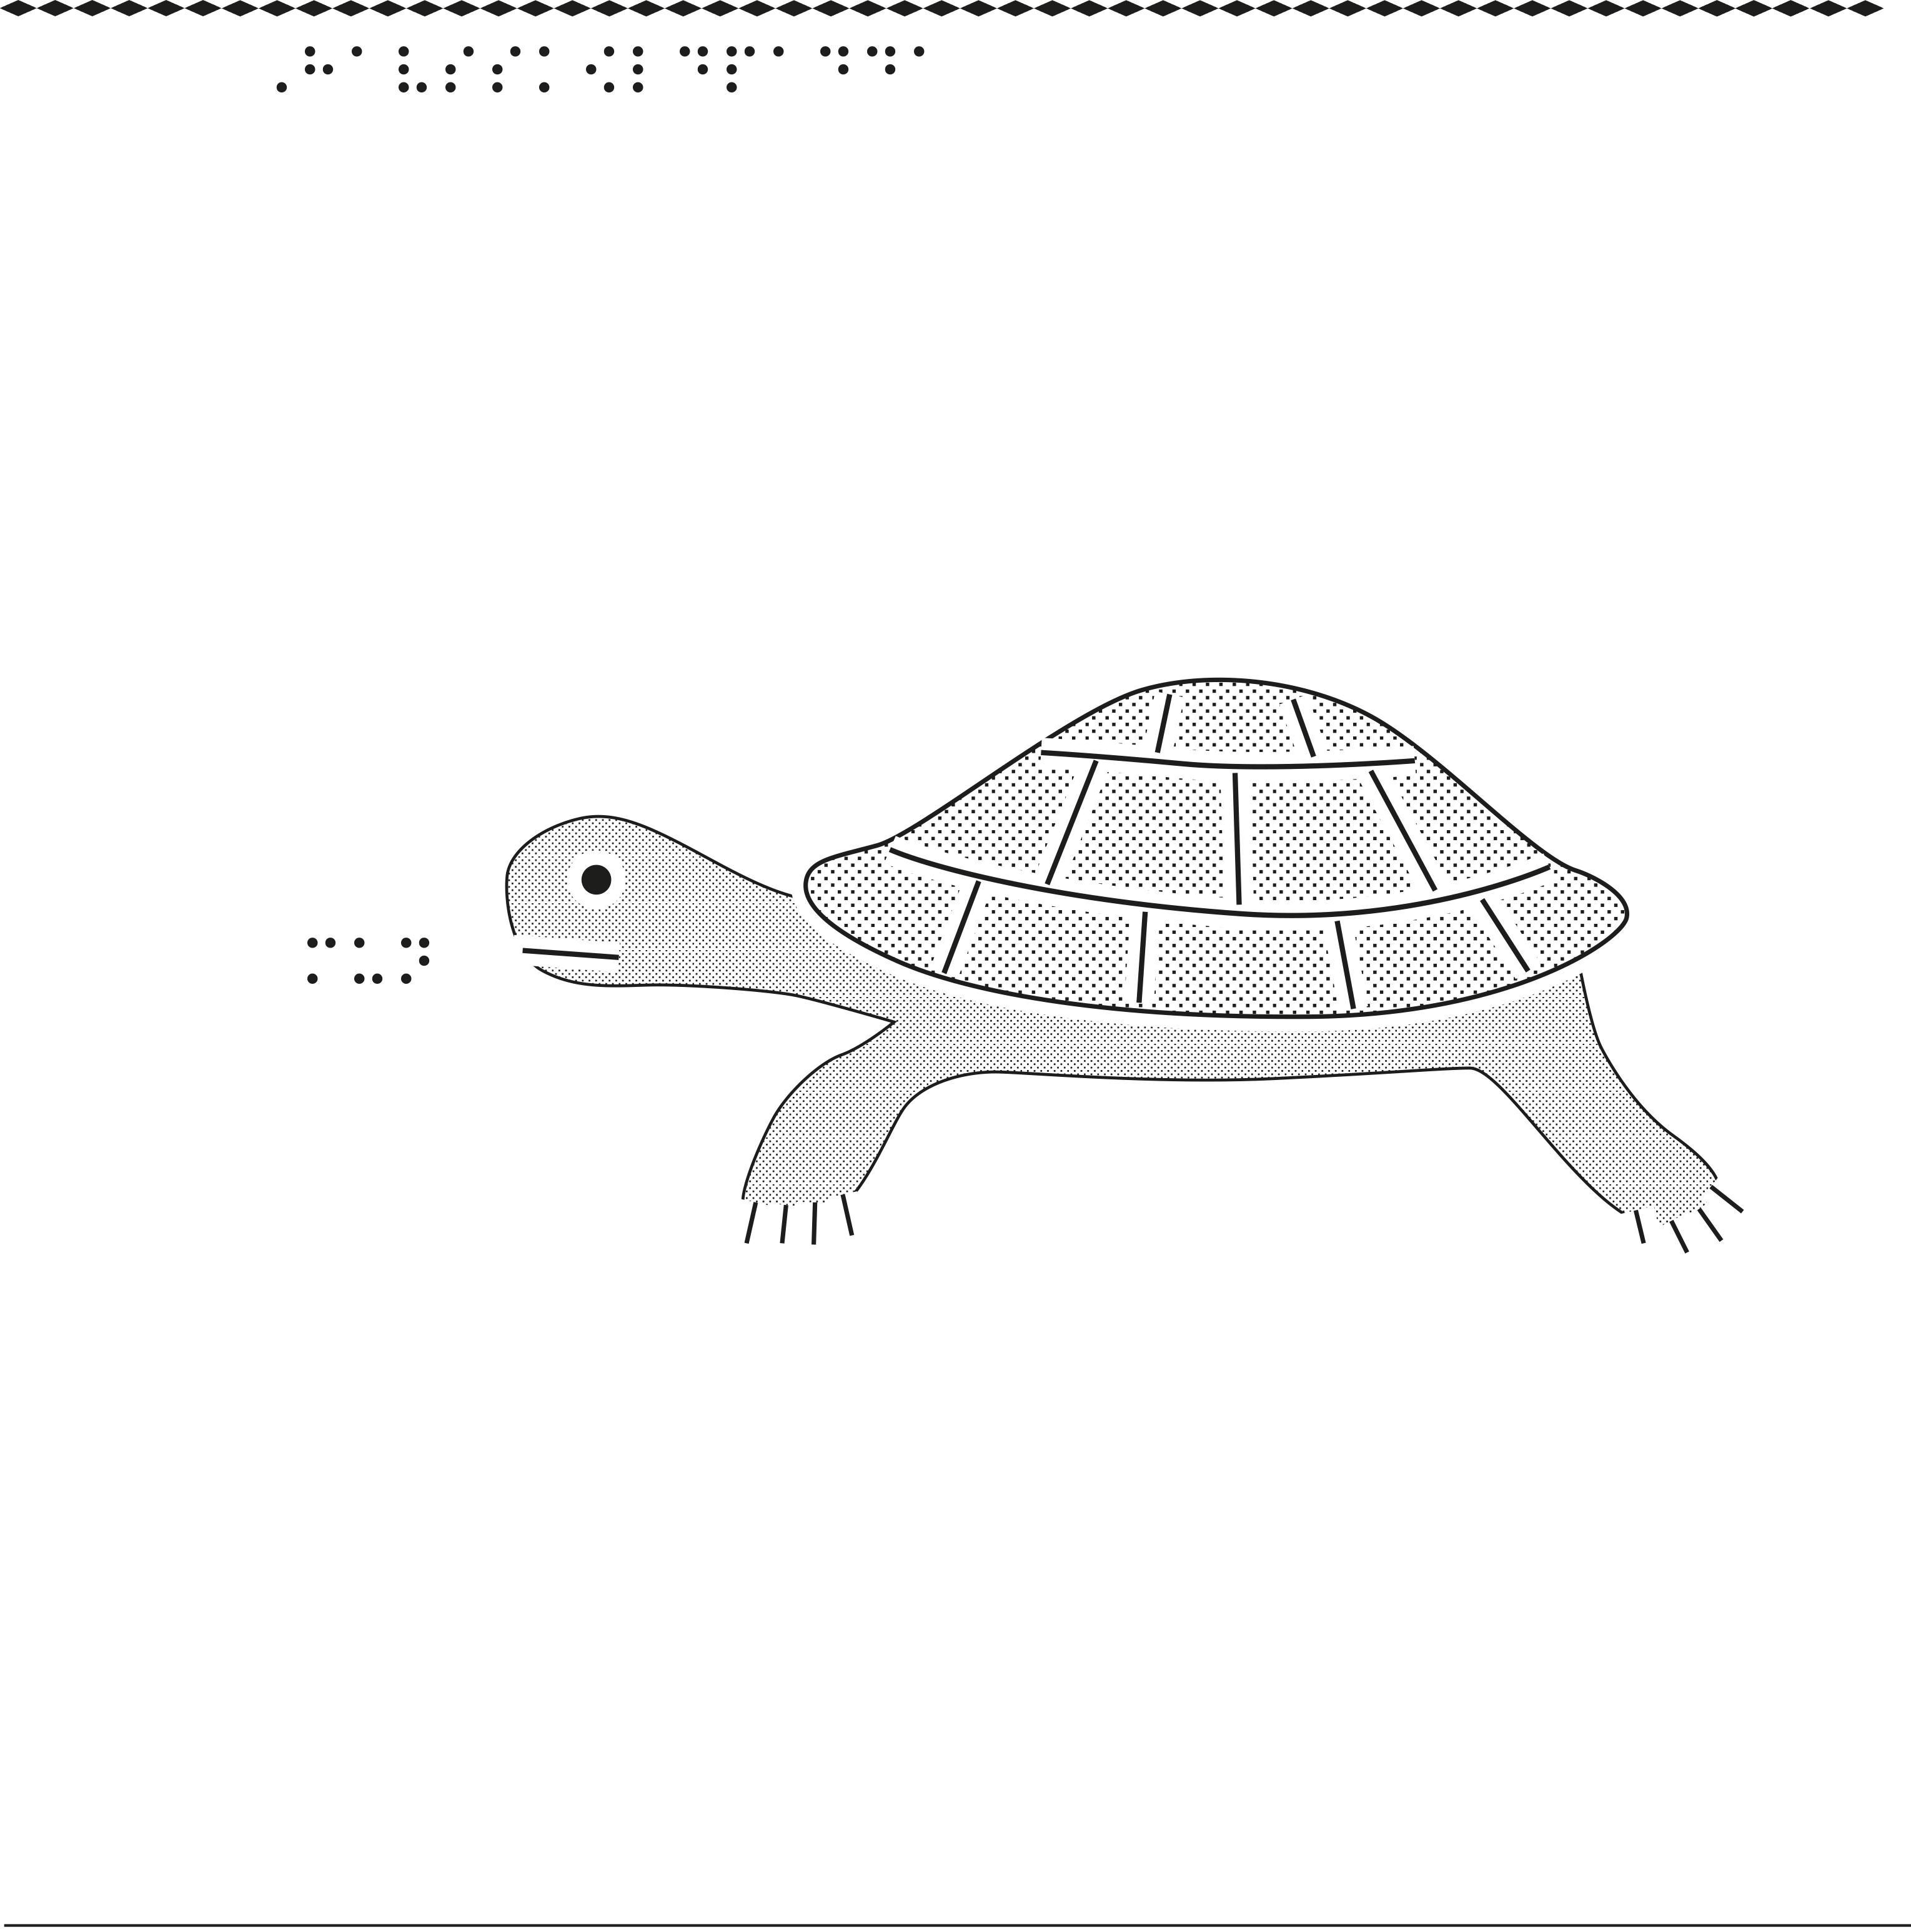 Taktil bild på en havssköldpadda.